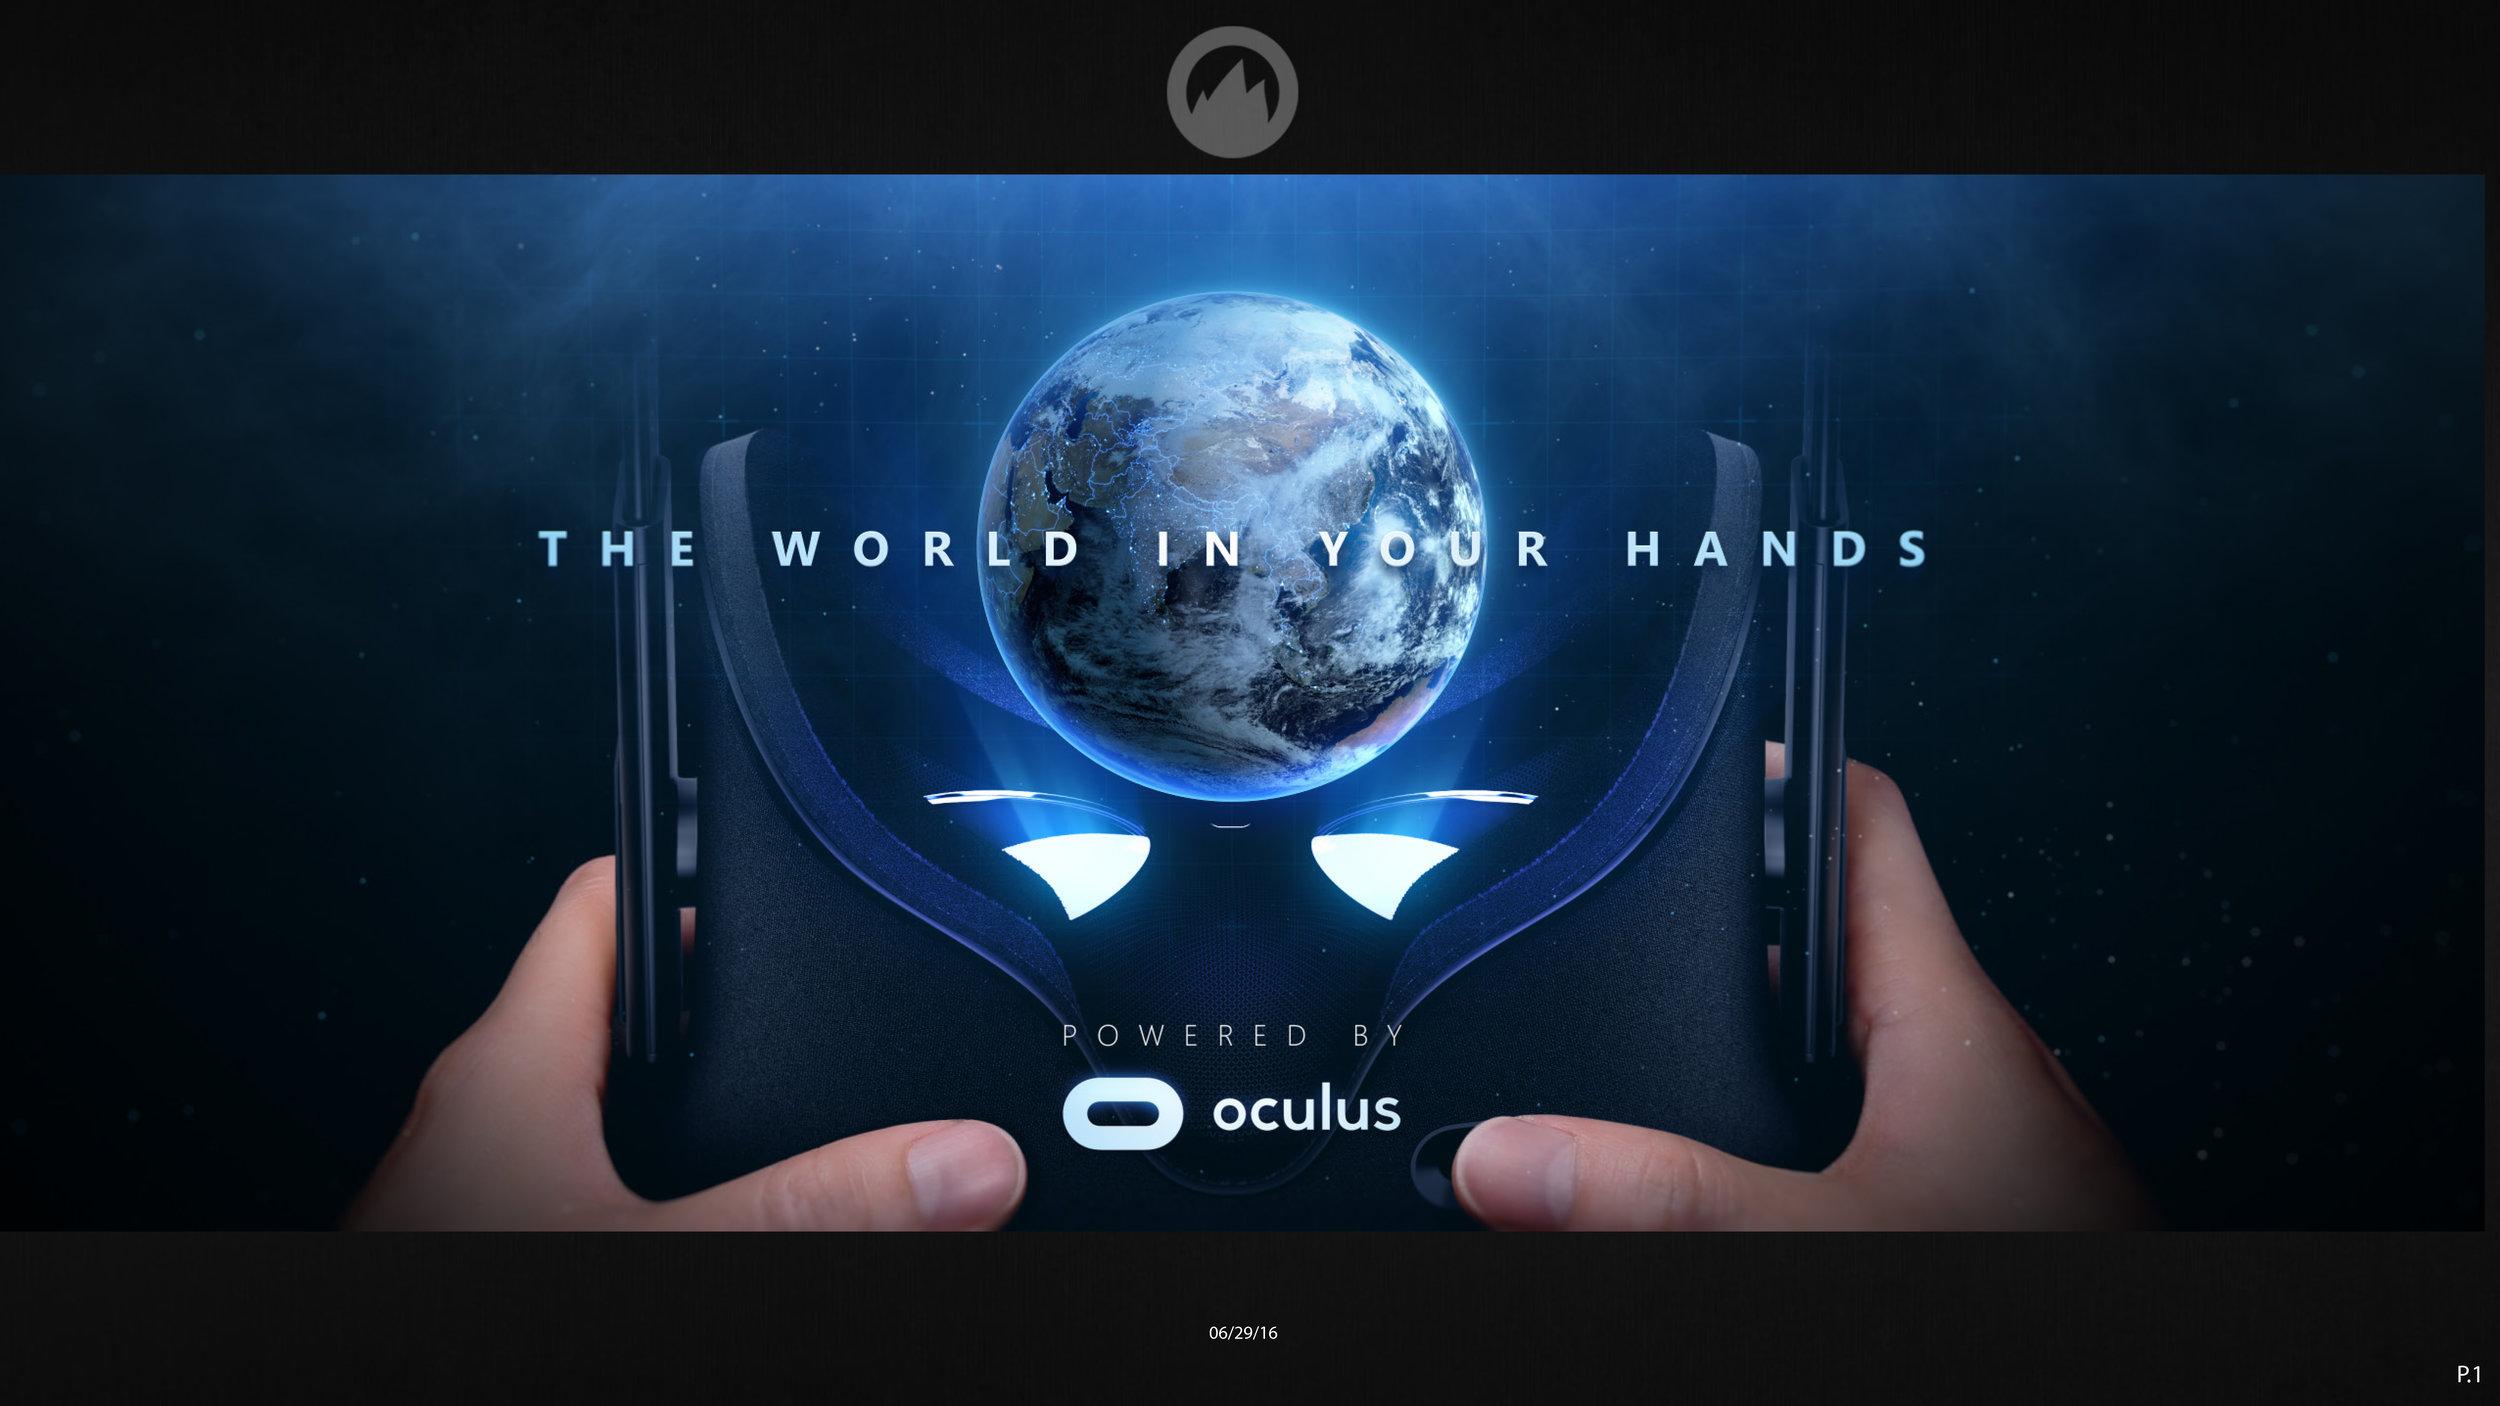 RFX_Oculus_GlobeVR_Concepts_v1_20160629-1.jpg